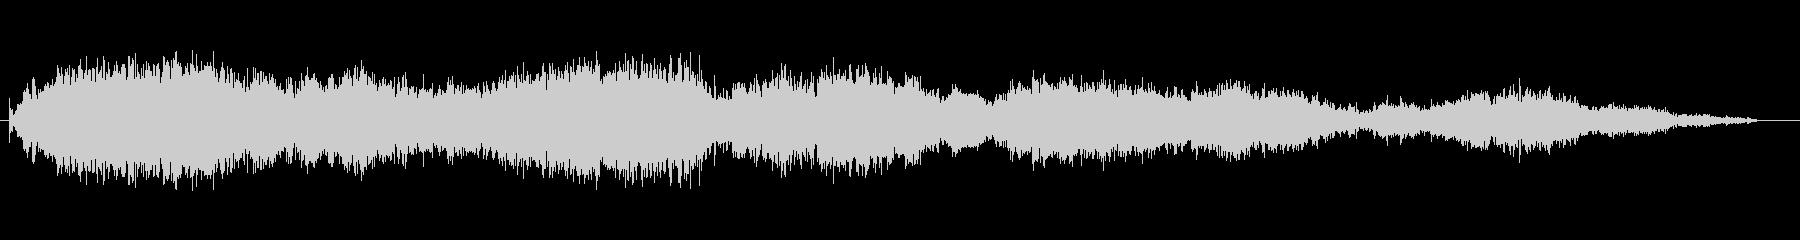 スモールスタジオオーディエンス:グ...の未再生の波形